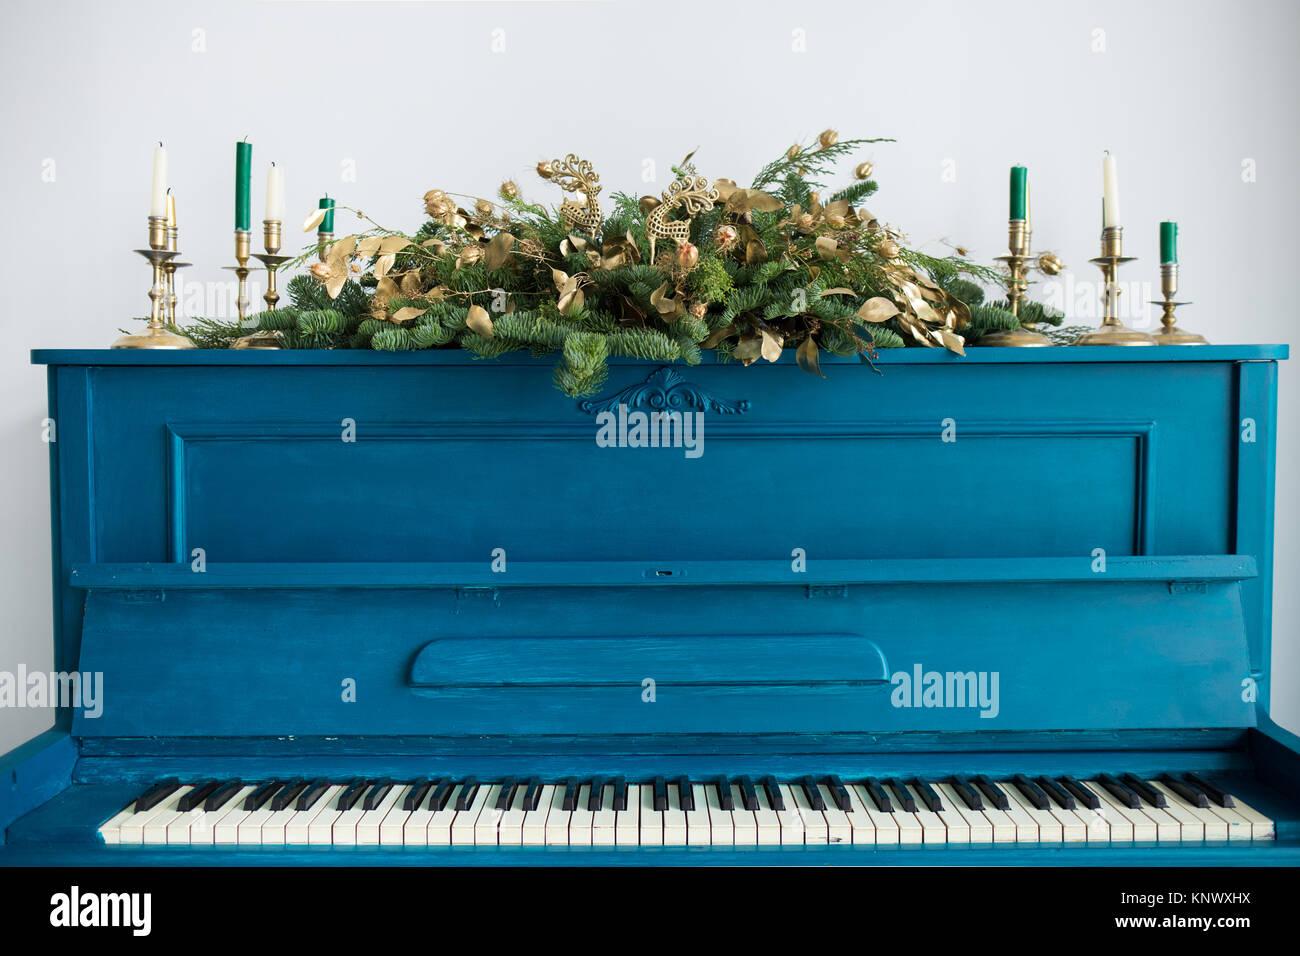 Nahaufnahme Der Blau Lackierten Altes Klavier Mit Weihnachten